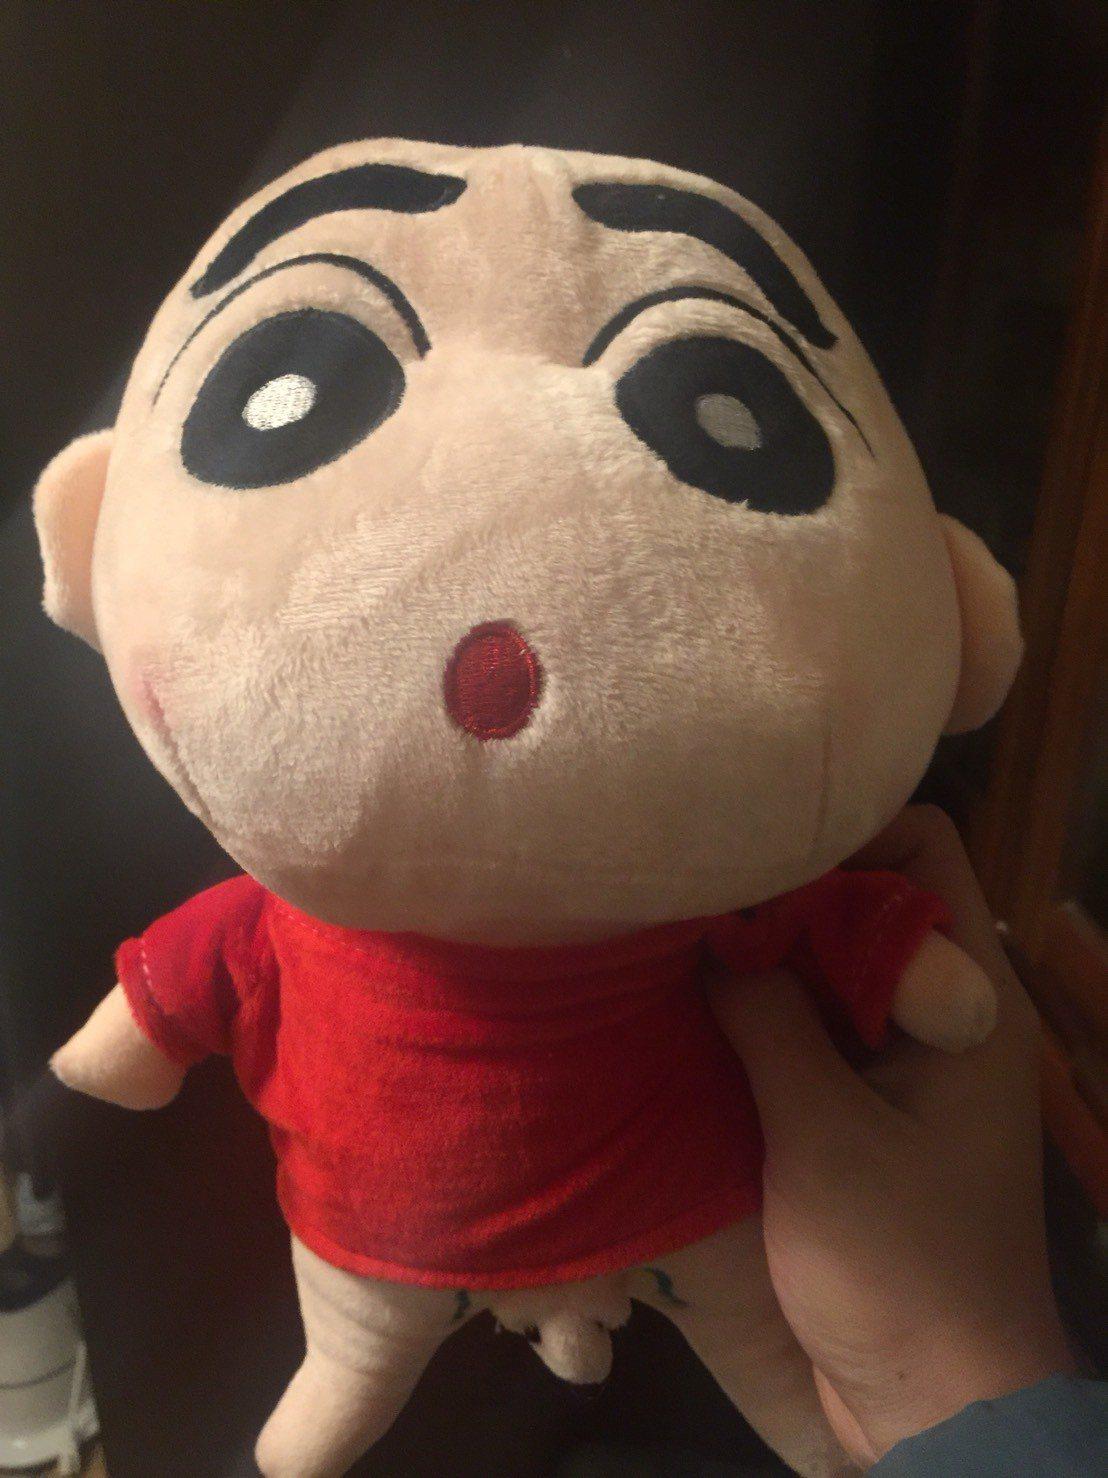 偵查隊長陳春安認為,因布娃娃的下體是以可愛的卡通造型呈現,不會令一般人感覺不堪或...